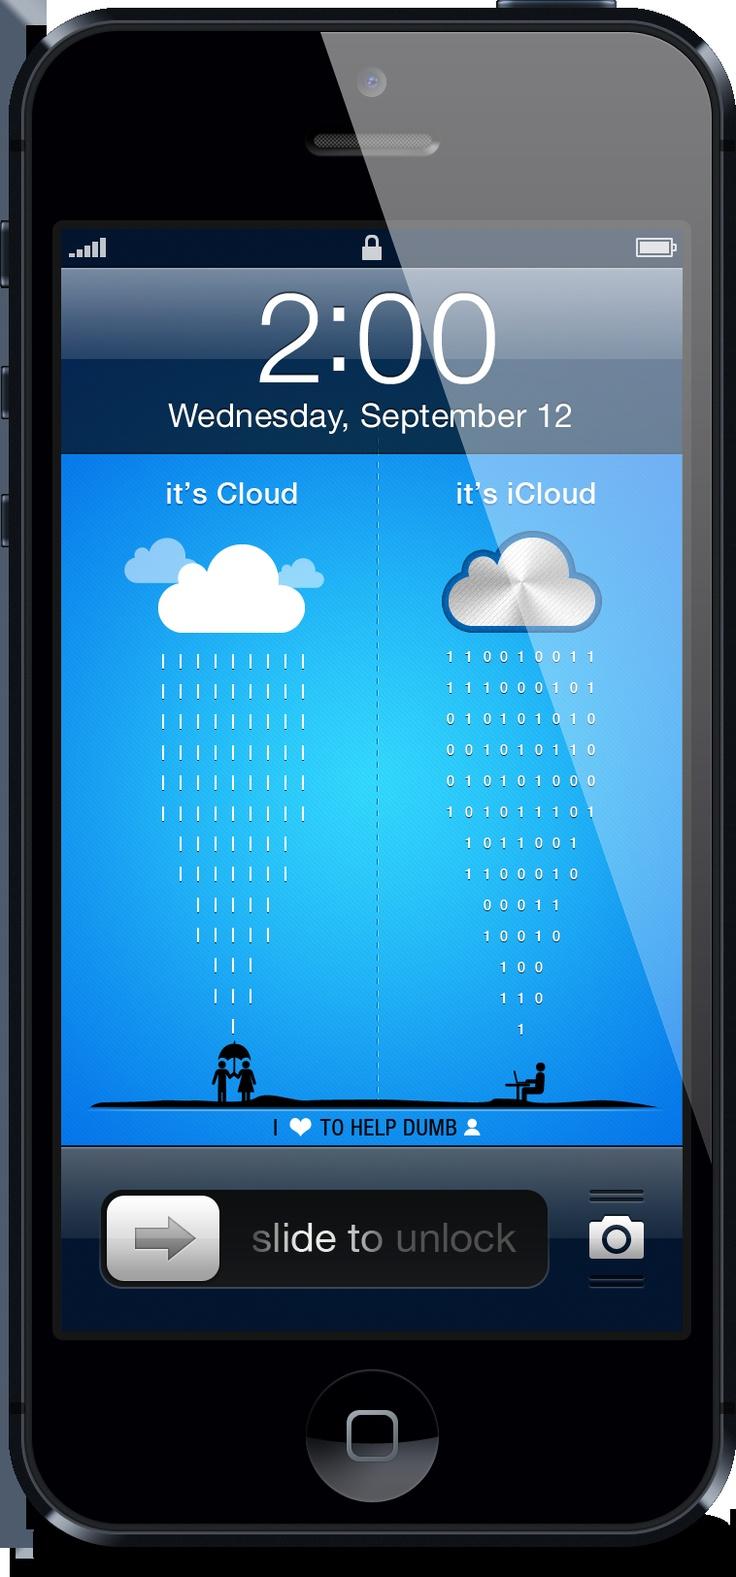 cloud vs icloud